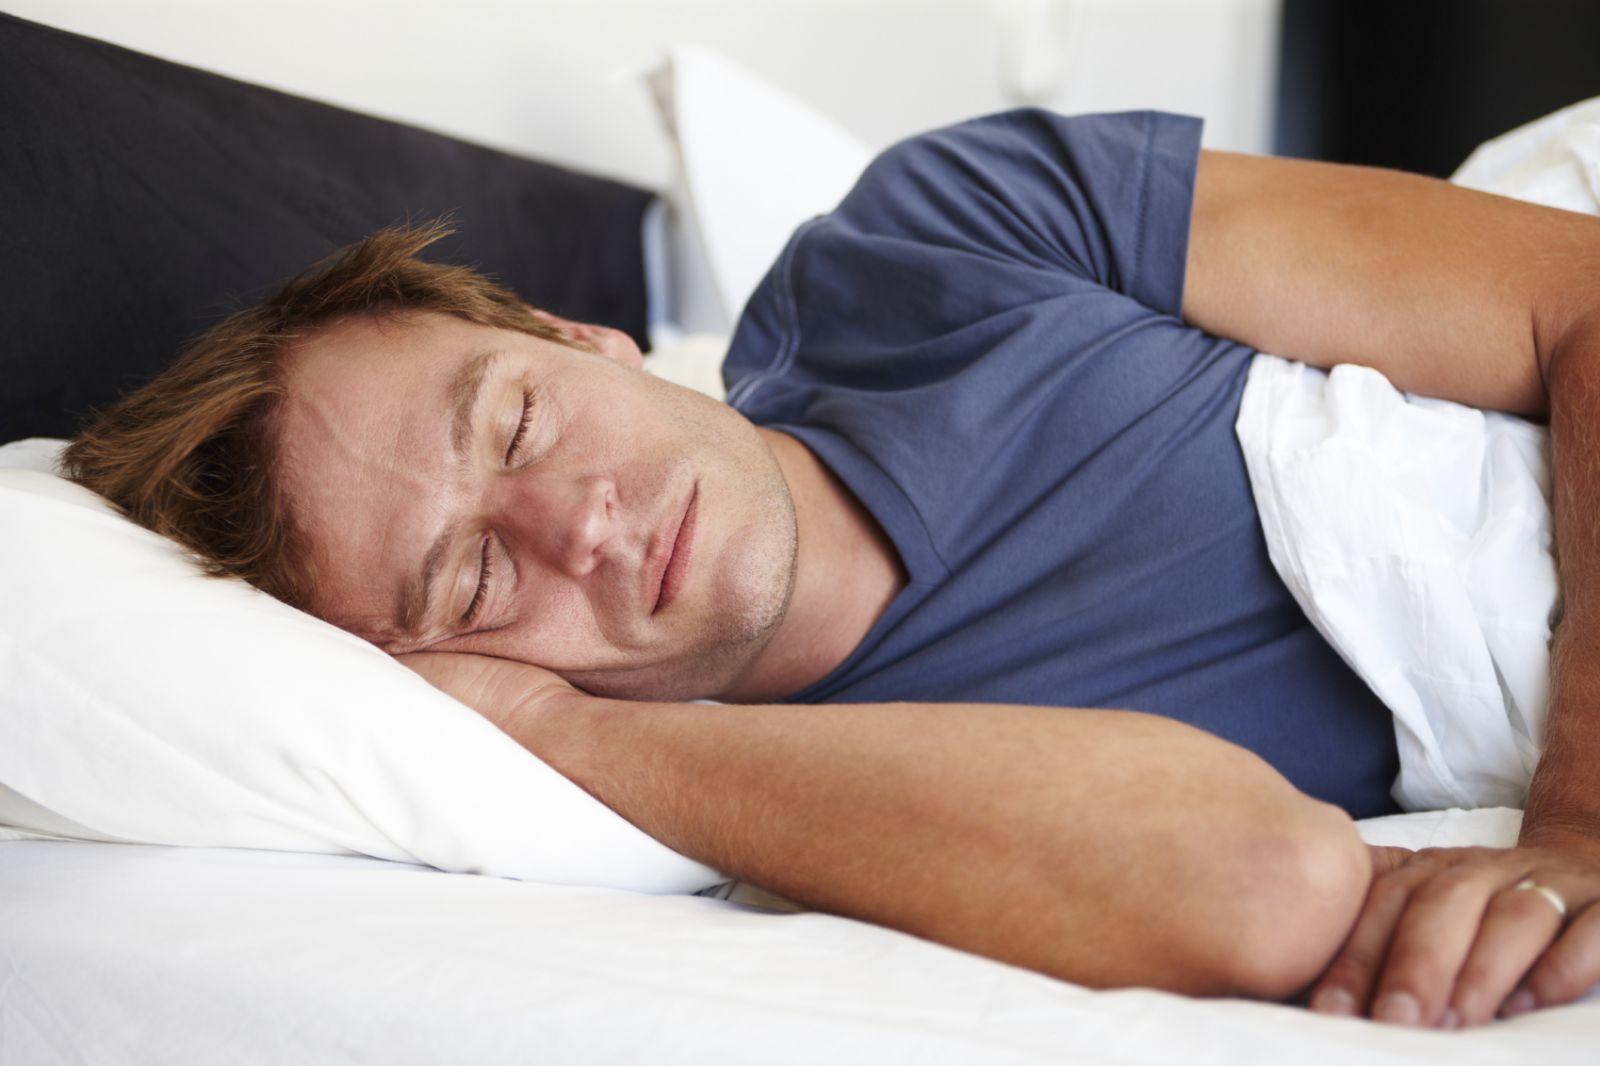 Sonno è disturbi del sonno